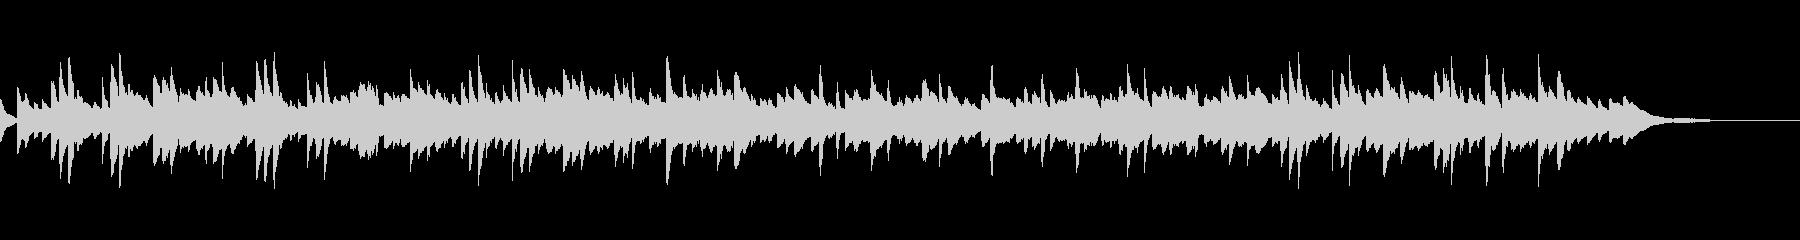 童謡「浜辺の歌」シンプルなピアノソロの未再生の波形